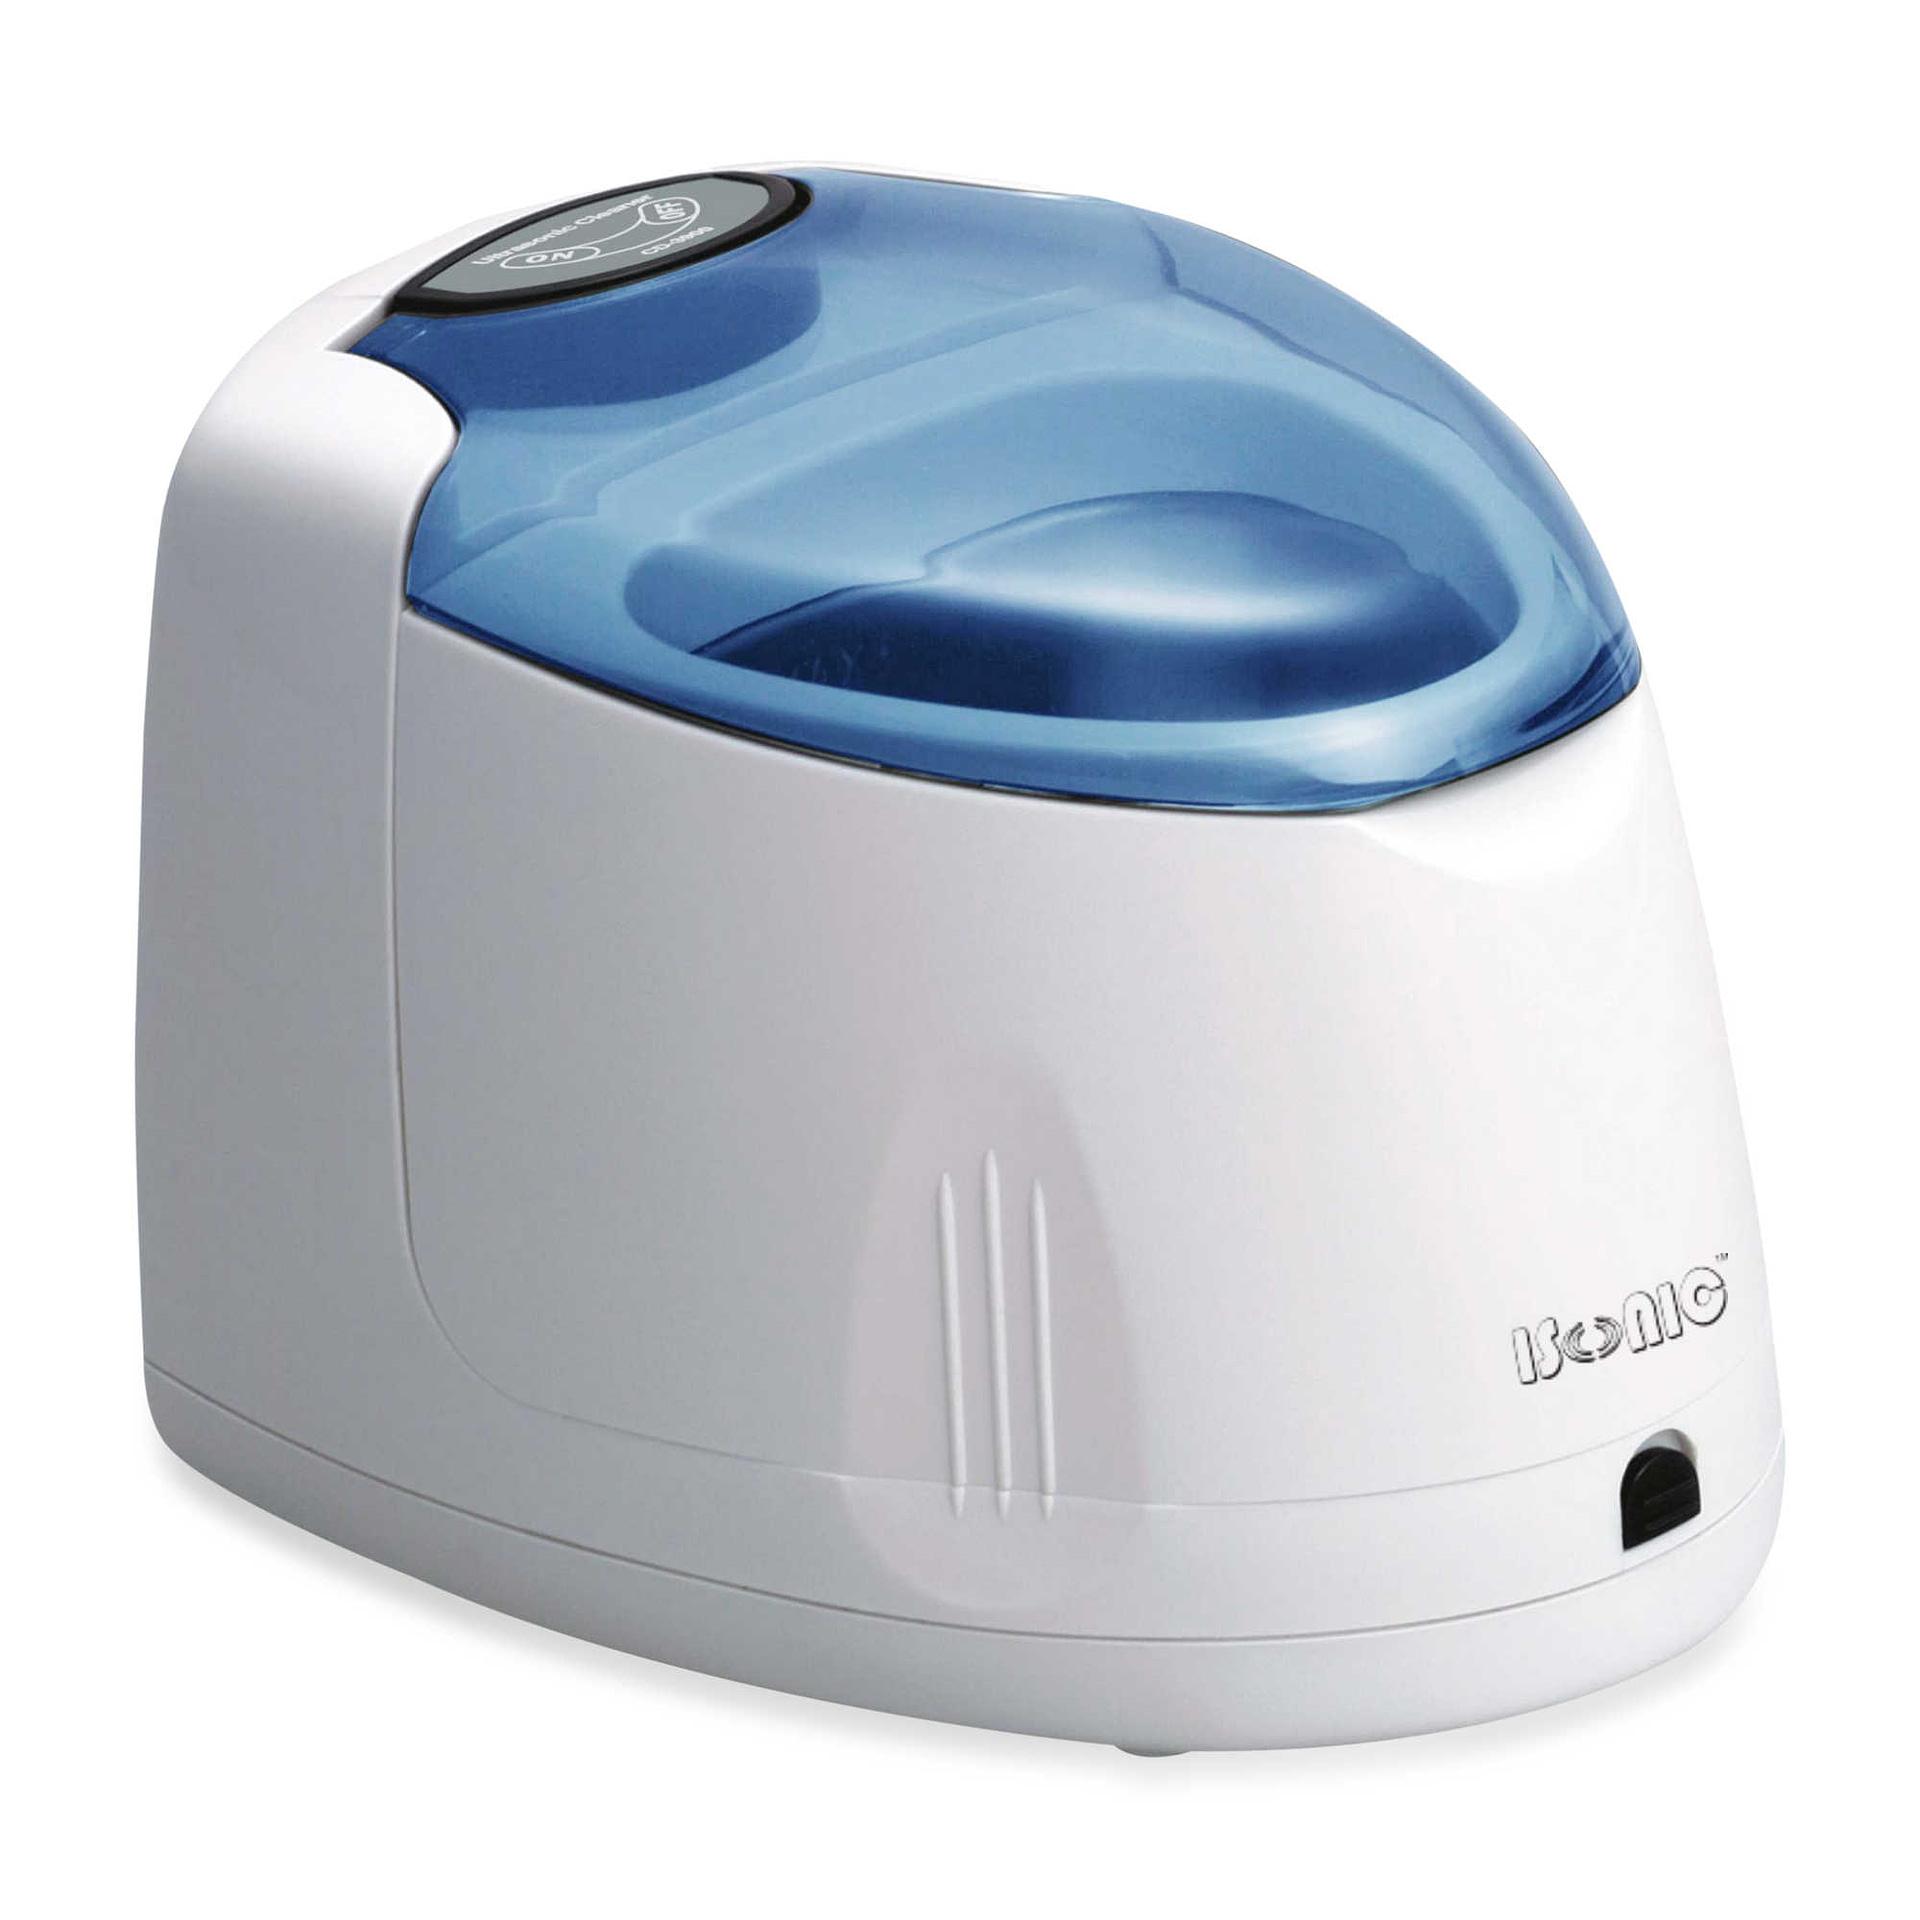 iSonic F3900